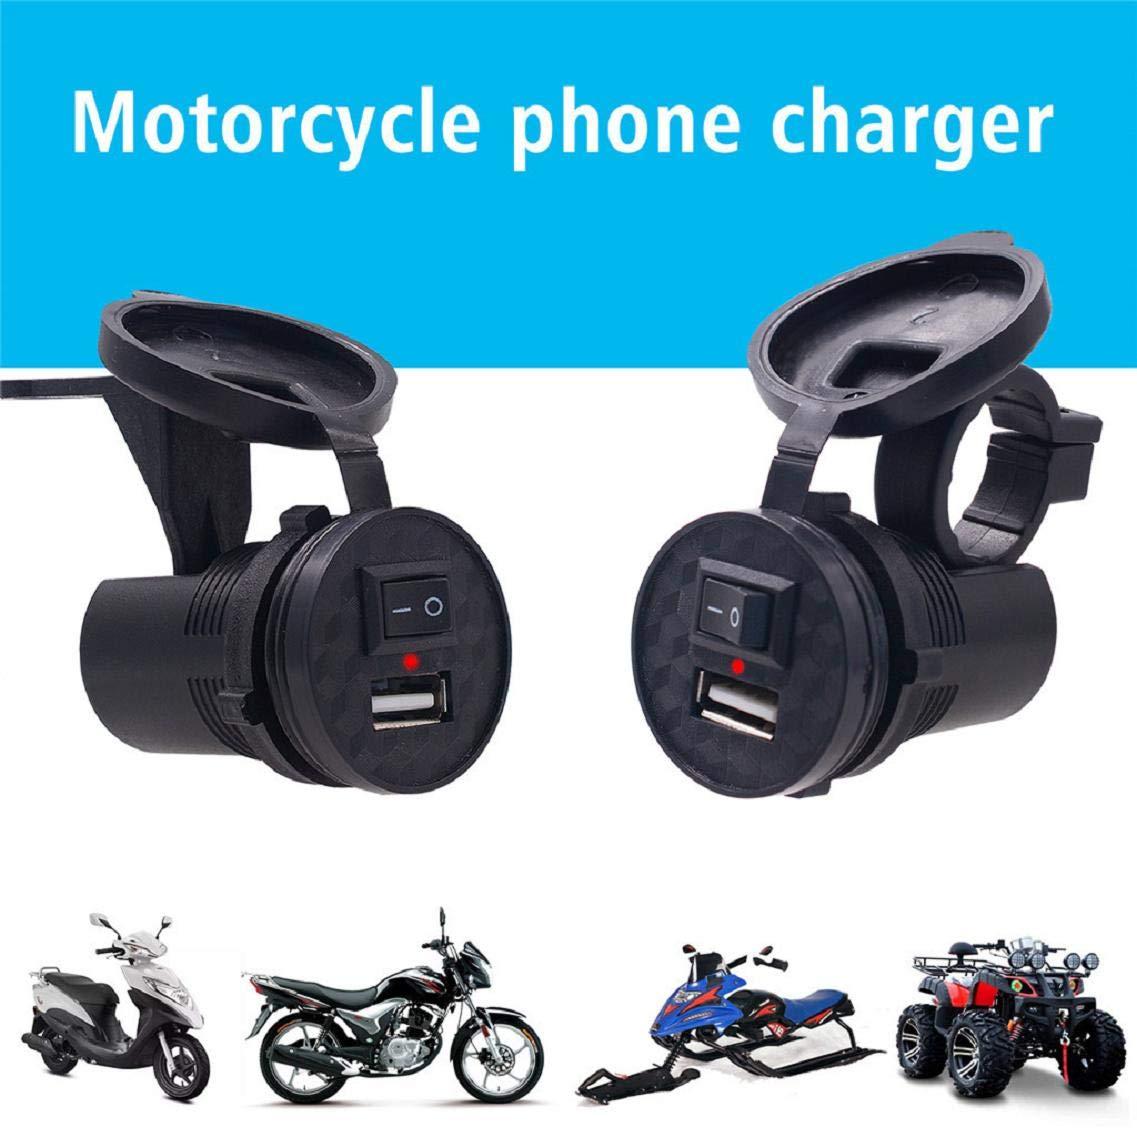 Prise de Charge pour Chargeur USB GPS Vaycally Chargeur USB pour Moto /électrique avec Interrupteur Adaptateur Secteur pour Chargeur de t/él/éphone Moto /Étanche 12V /à 5V 1.5A